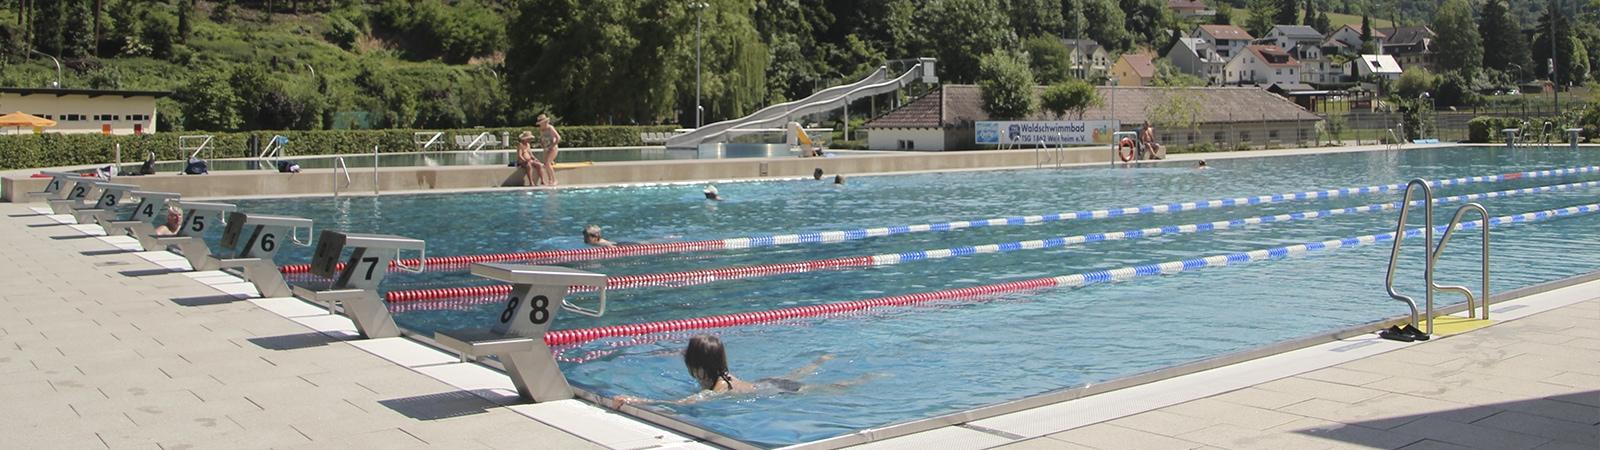 TSG-Waldschwimmbad der TSG Weinheim